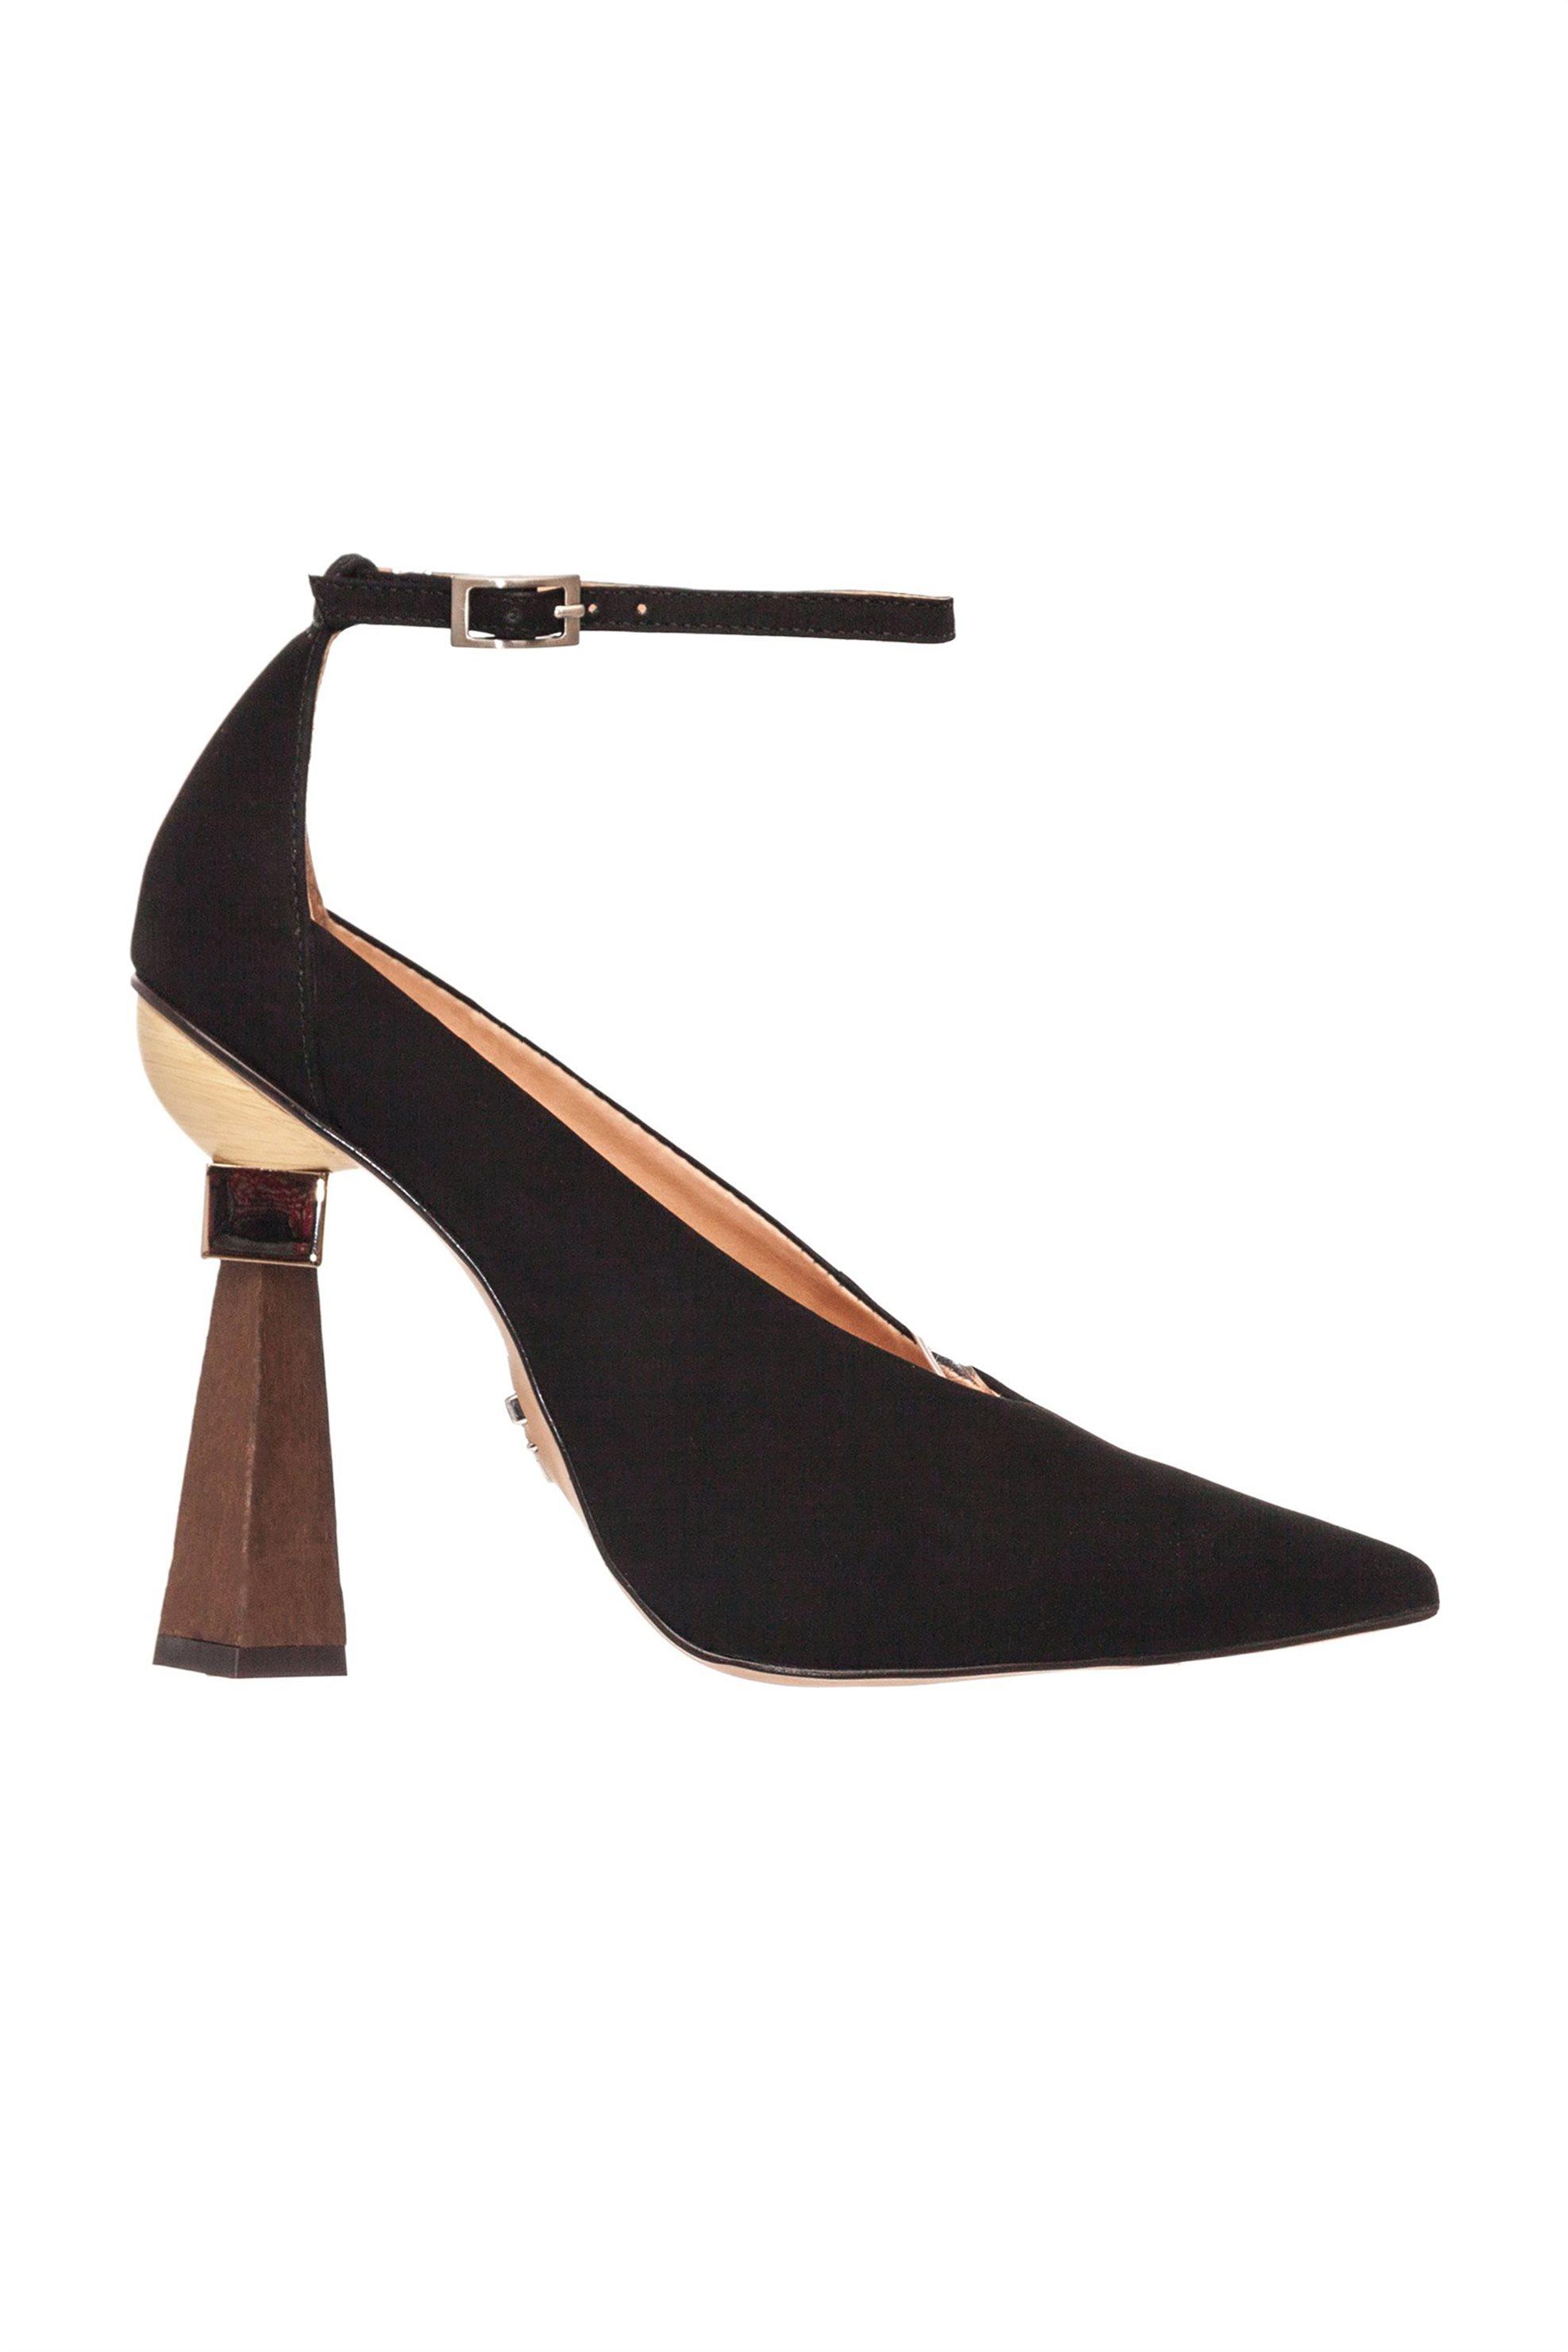 Carrano γυναικείες γόβες με ξύλινο τακούνι Nobuck – 154803 MMM1 – NOB – Μαύρο